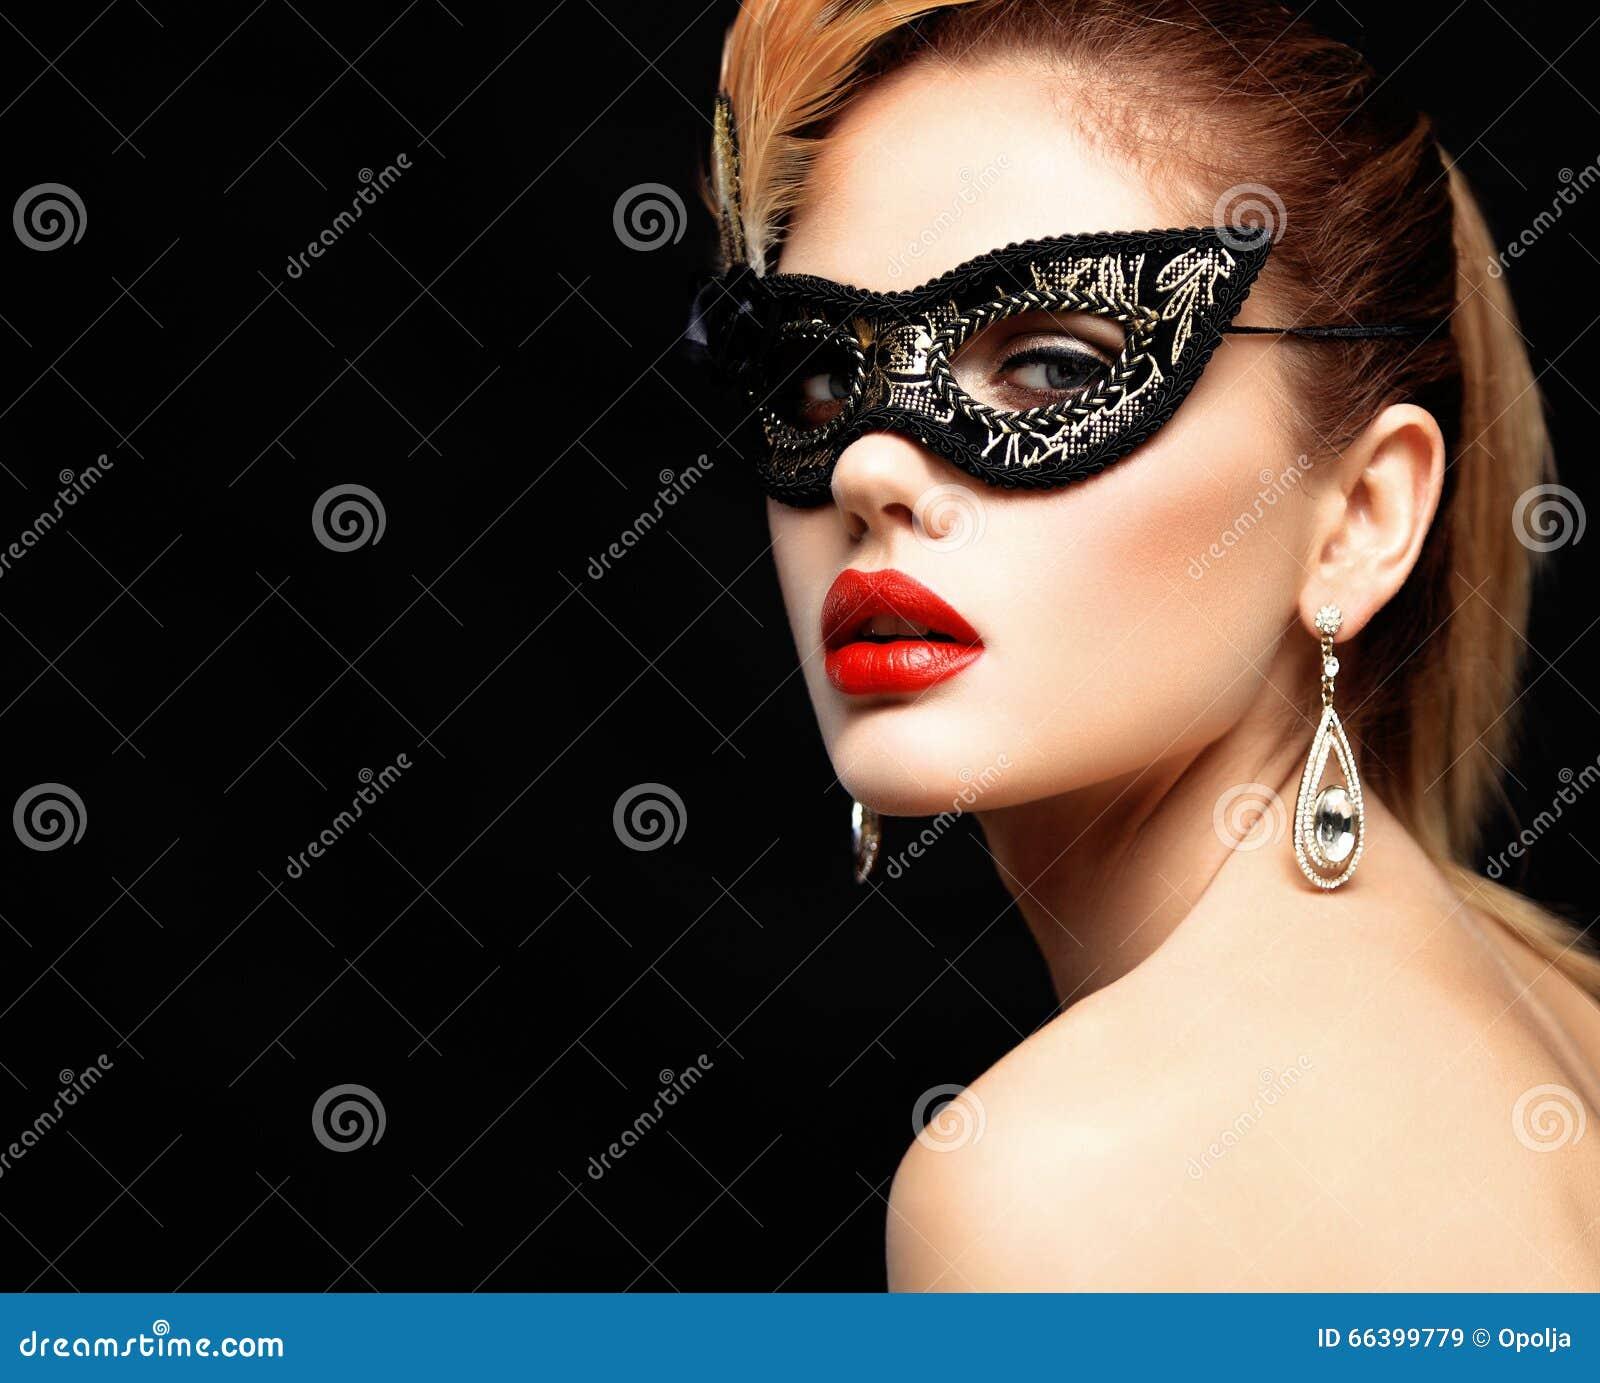 Maschera veneziana d uso di carnevale di travestimento della donna di modello di bellezza al partito isolato su fondo nero Natale